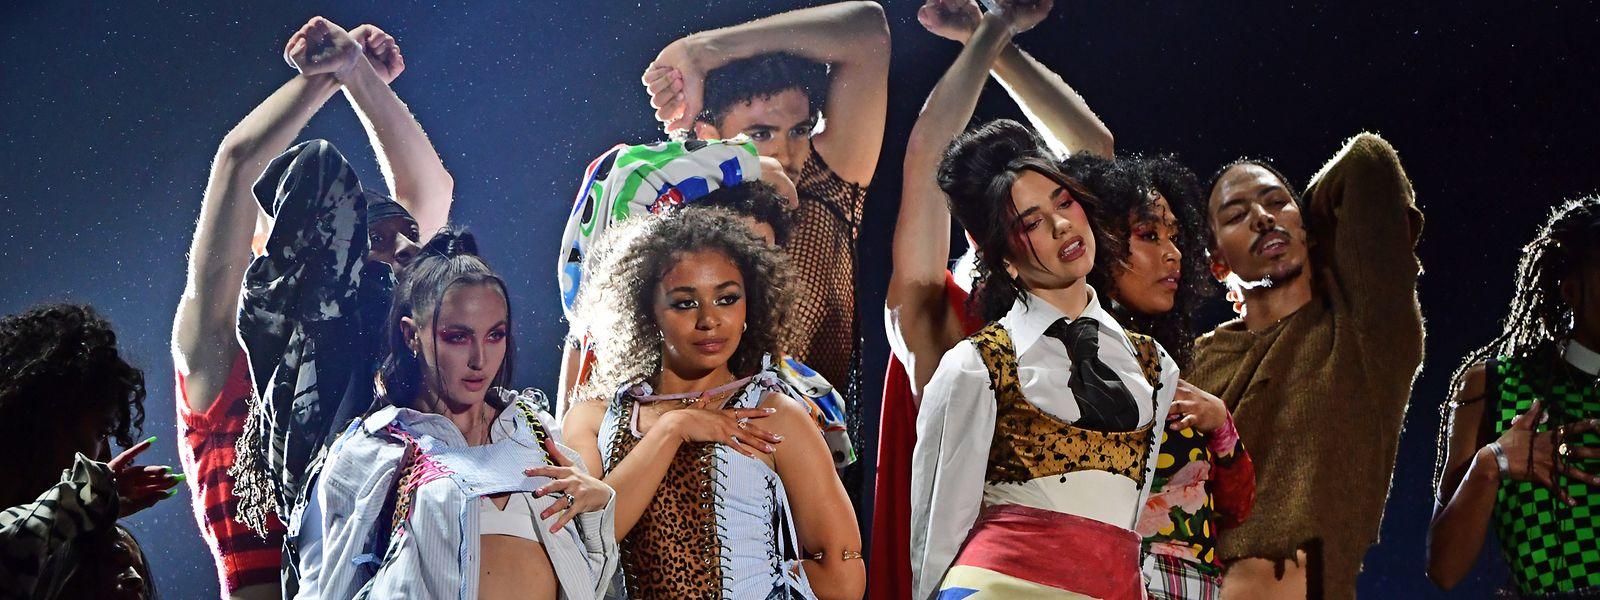 Die Sängerin Dua Lipa (Mitte rechts) performt während der Brit Awards 2021 in der O2 Arena.